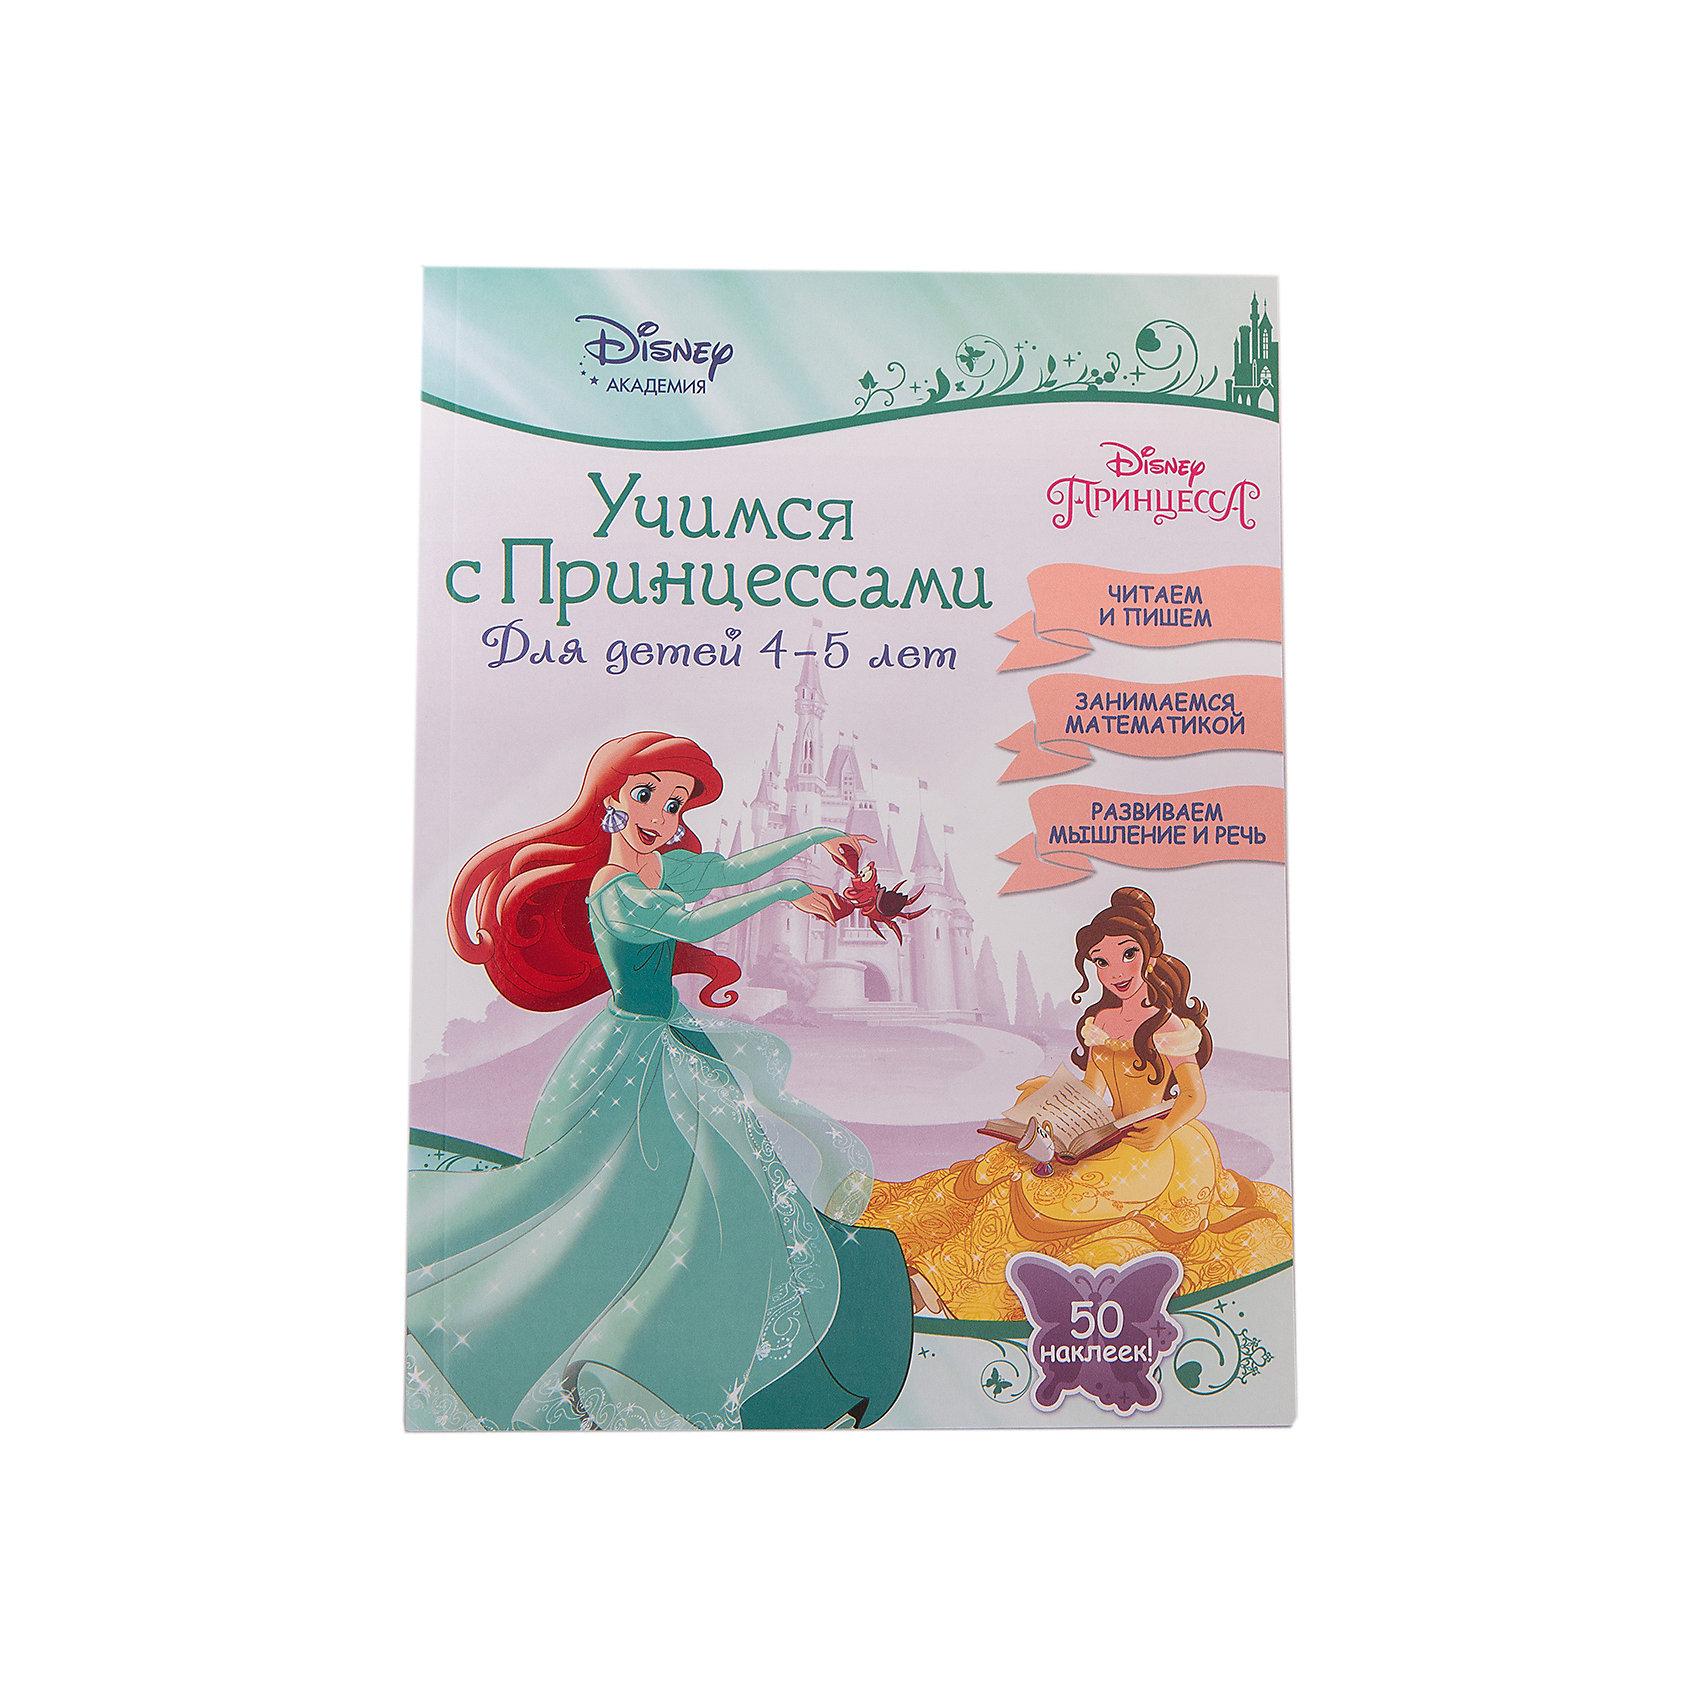 Эксмо Книга Учимся с Принцессами (для детей 4-5 лет) увлекательная логопедия учимся говорить фразами для детей 3 5 лет